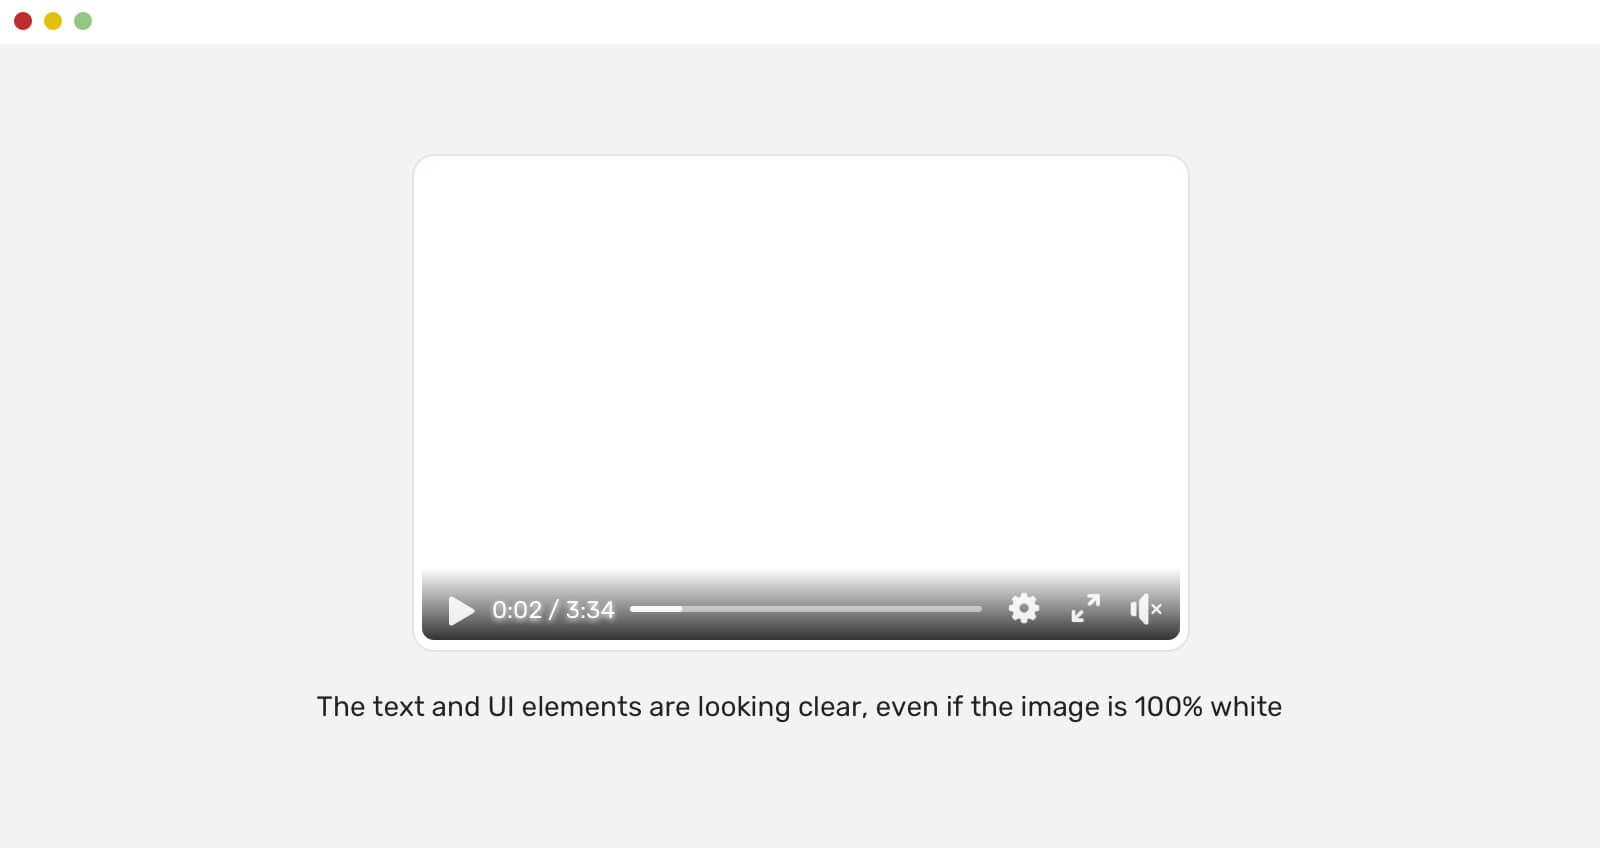 Текст и элементы интерфейса хорошо читаются, даже когда изображение полностью беое